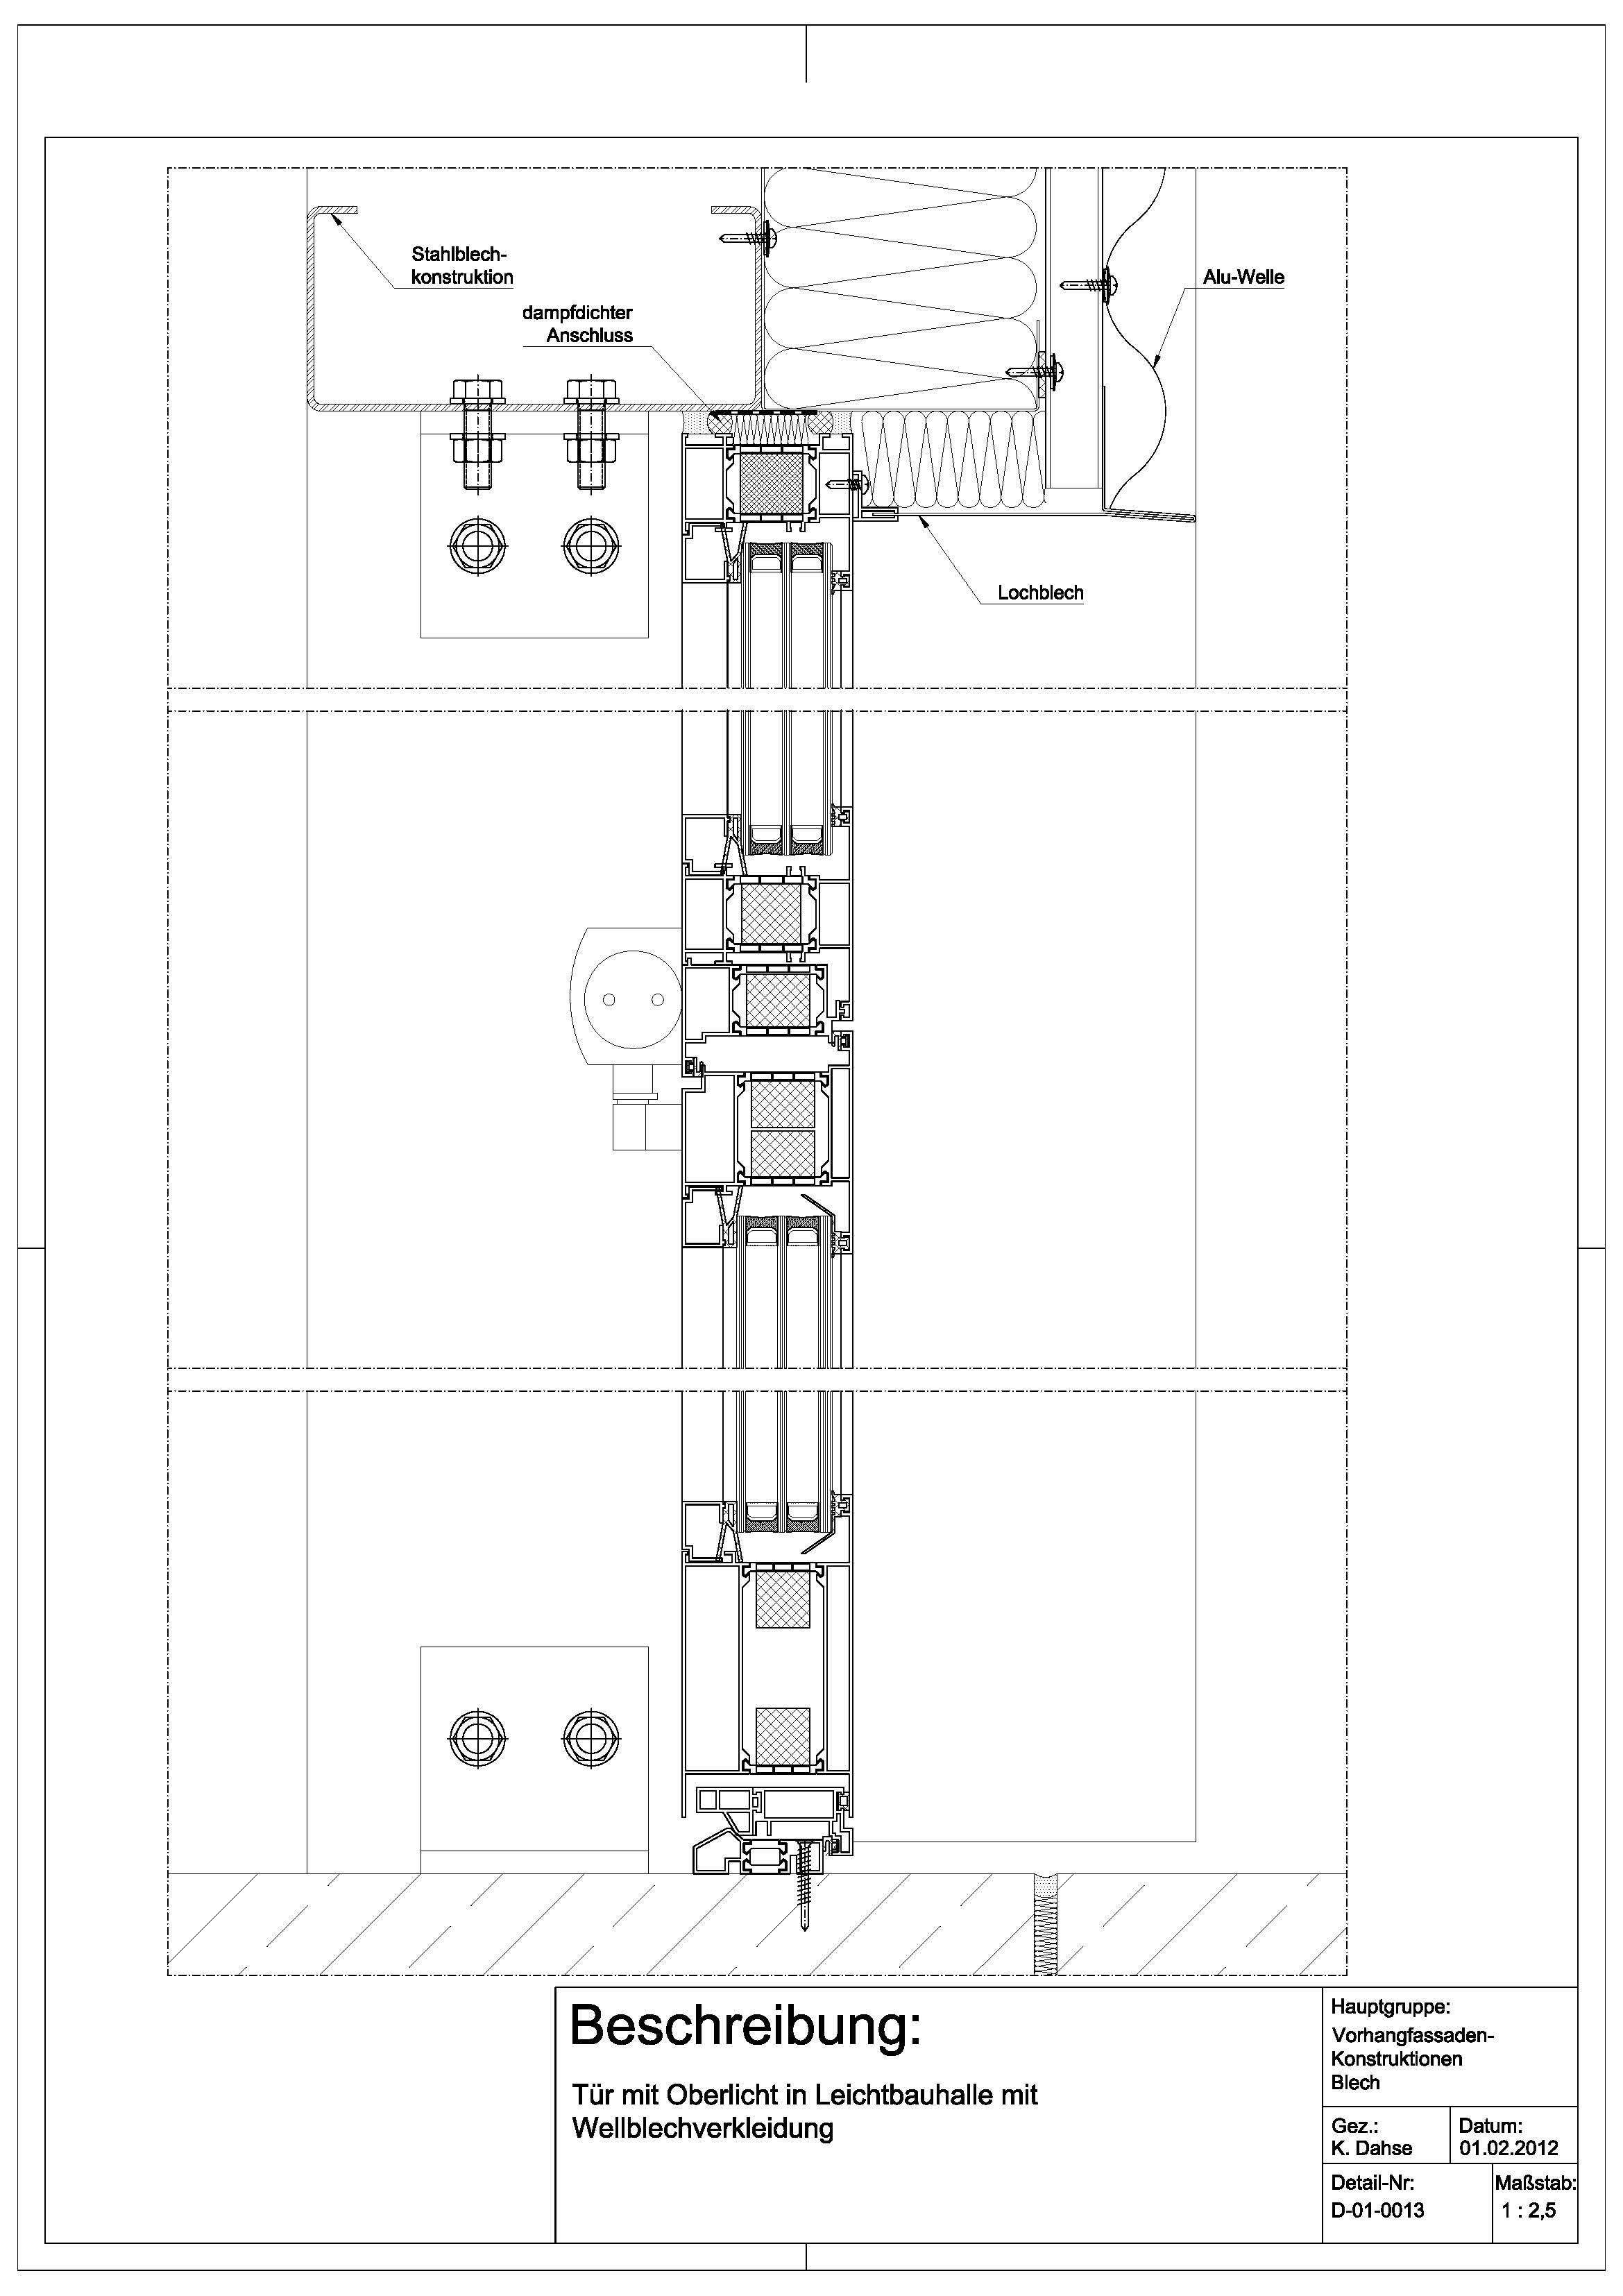 Tür detail anschluss  D-01-0013 Tür mit Oberlicht in Leichtbauhalle mit ...